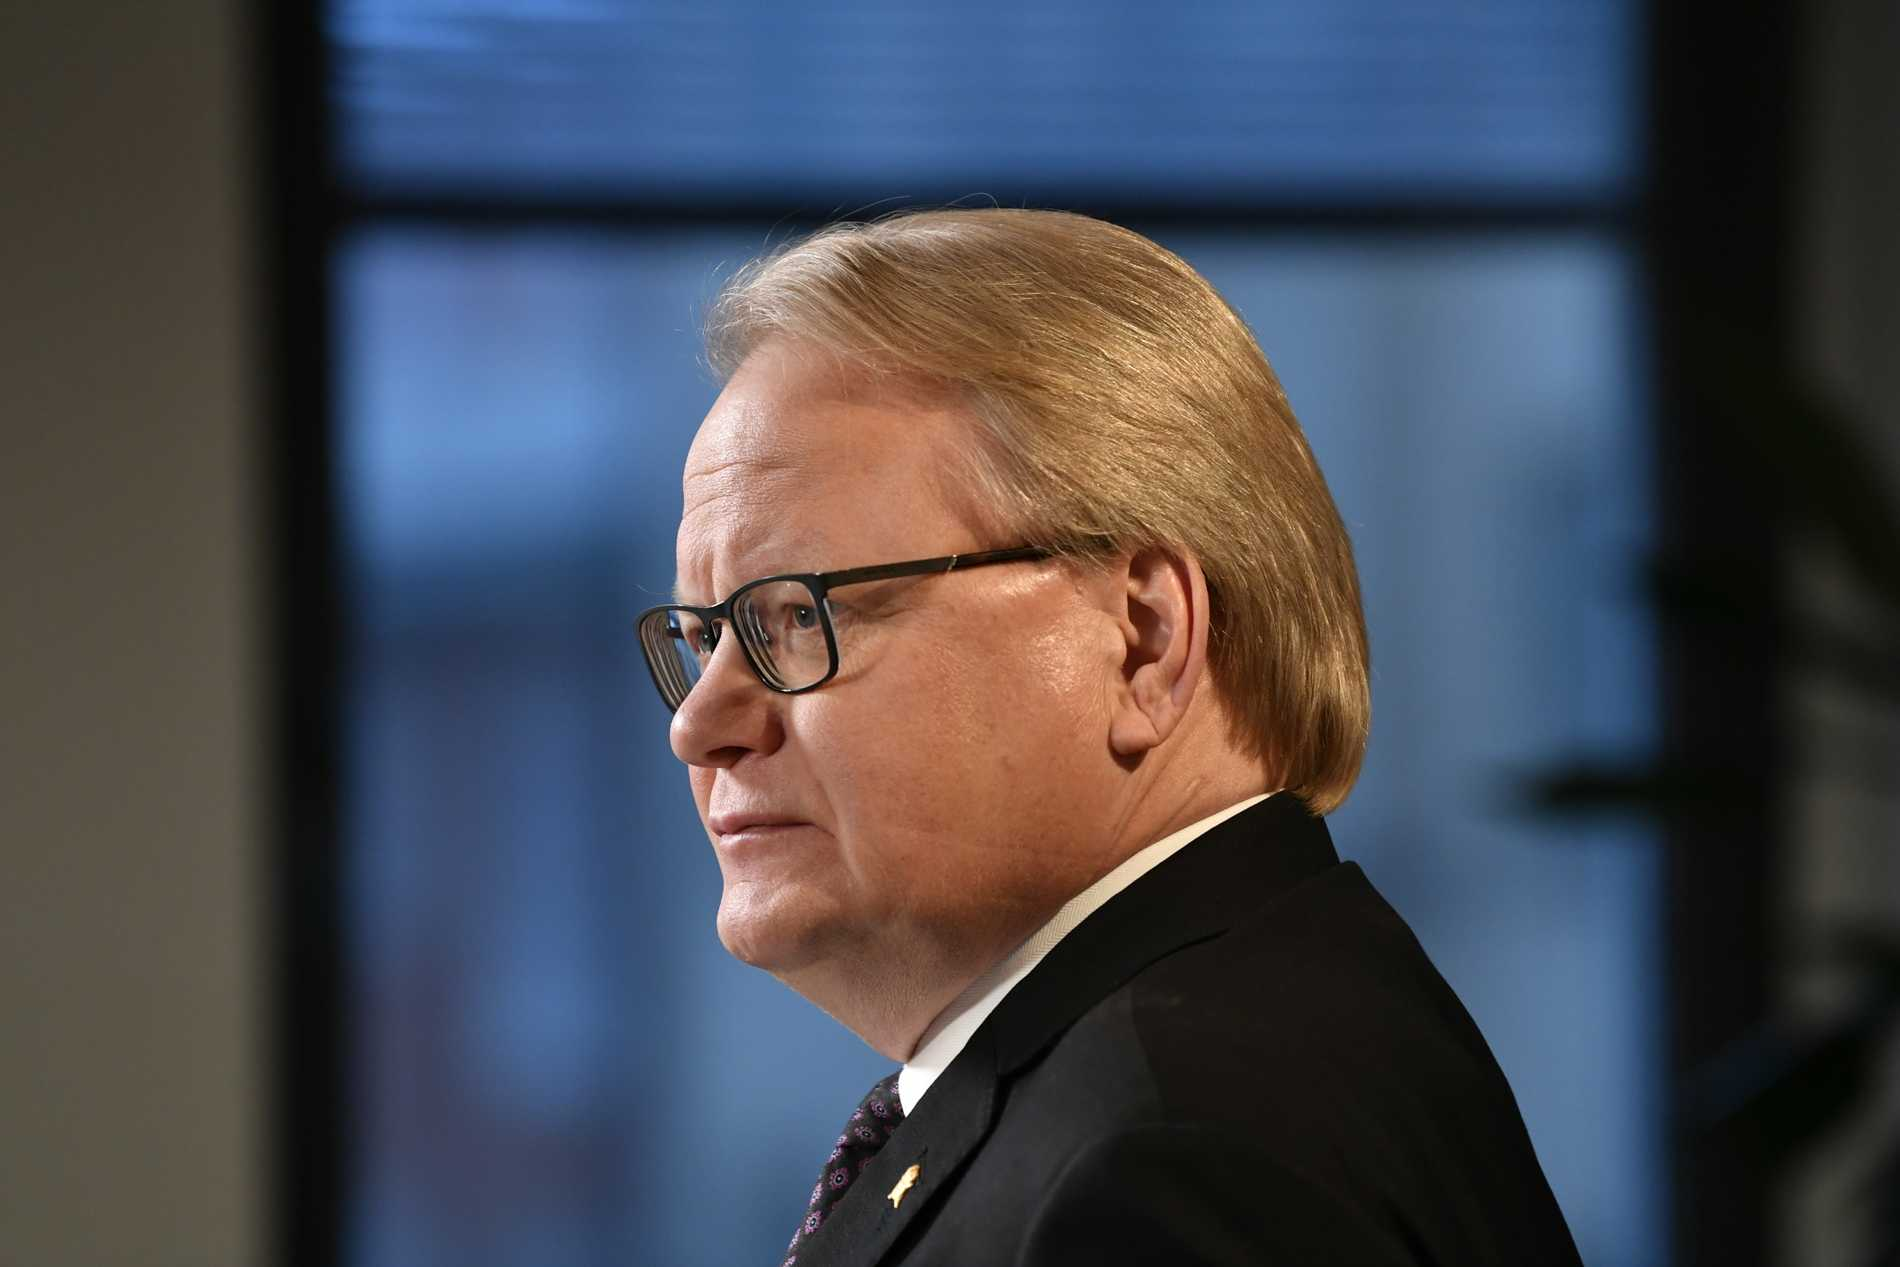 Hultqvist: Måste agera strikt